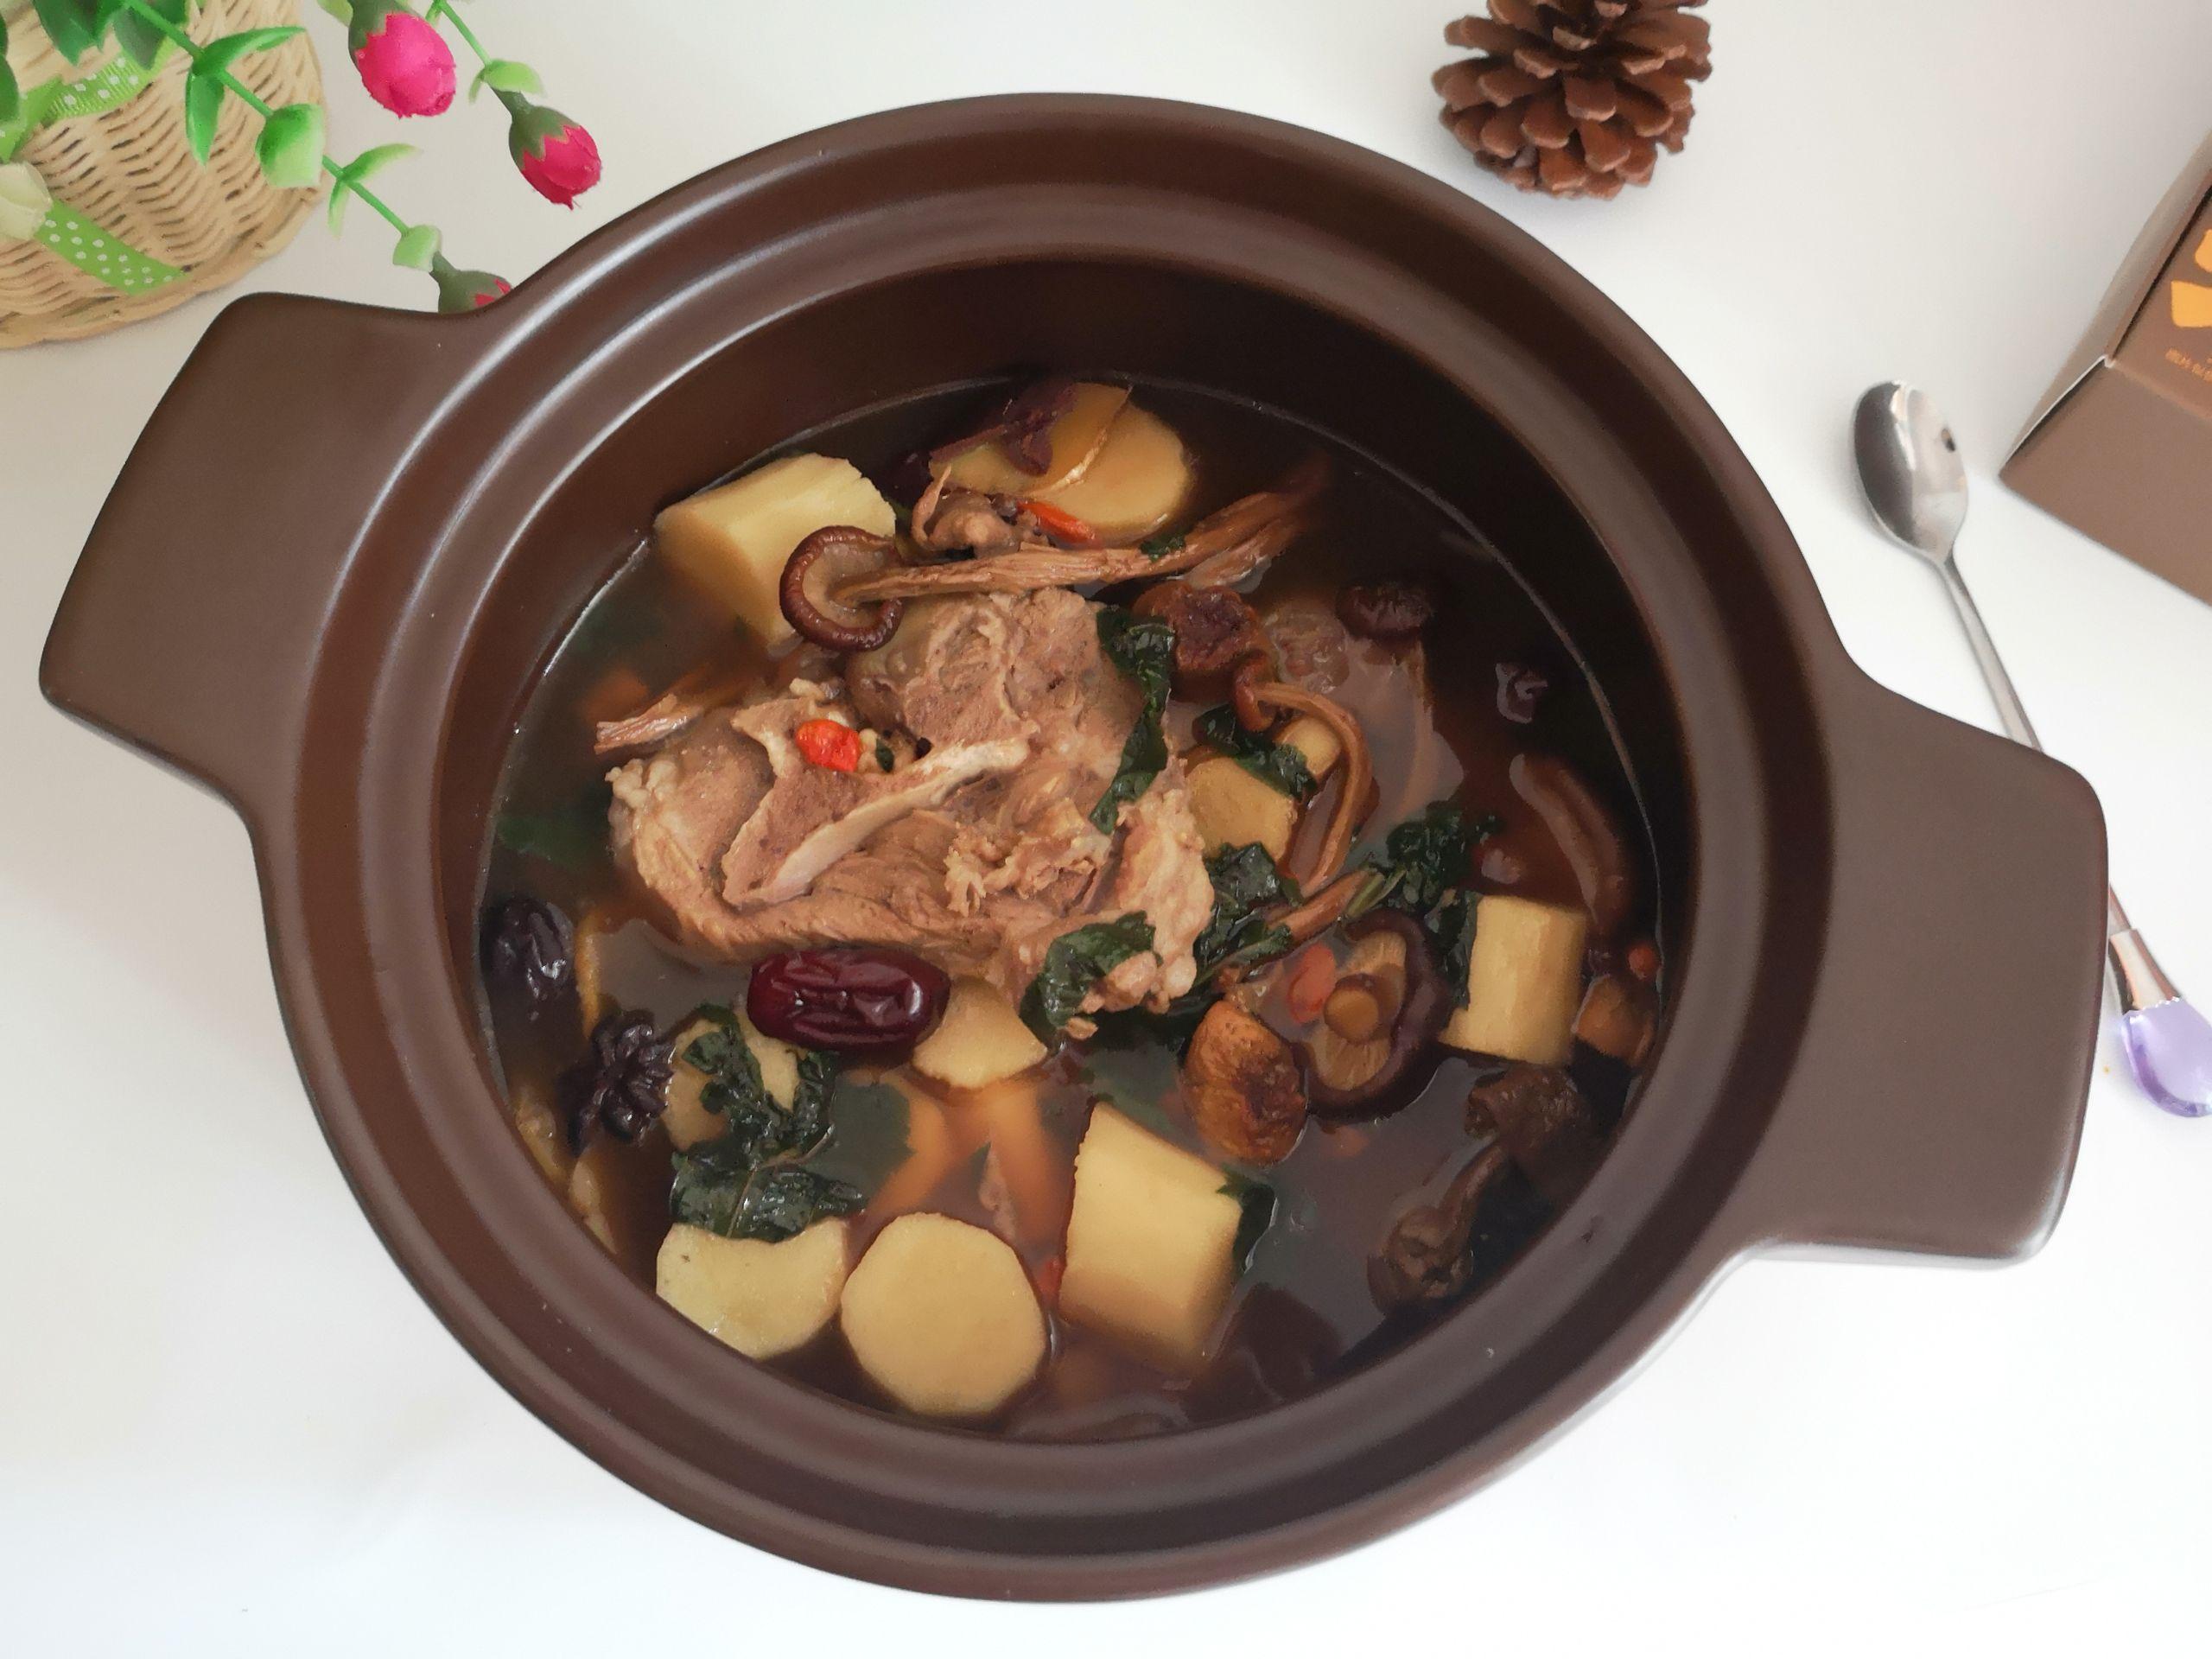 清淡鲜美的猪骨汤,炎炎夏日解馋又清心怎么炖